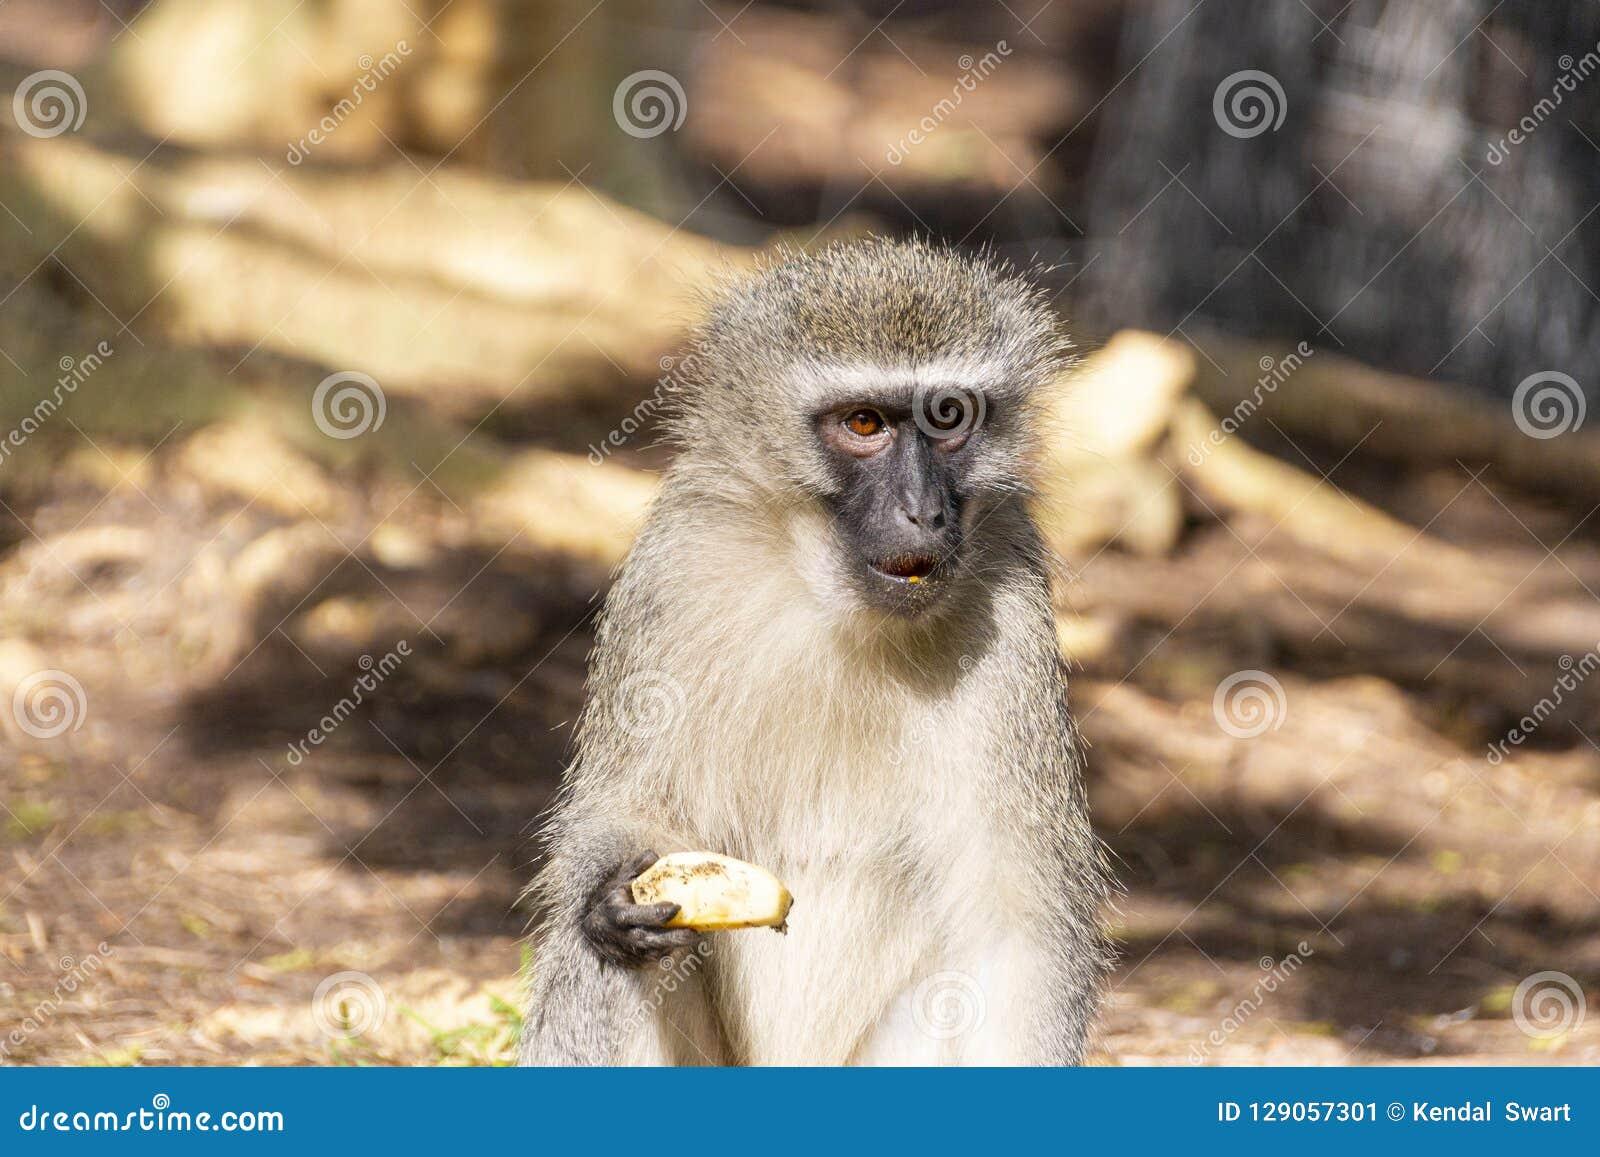 Ein Vervet-Affe